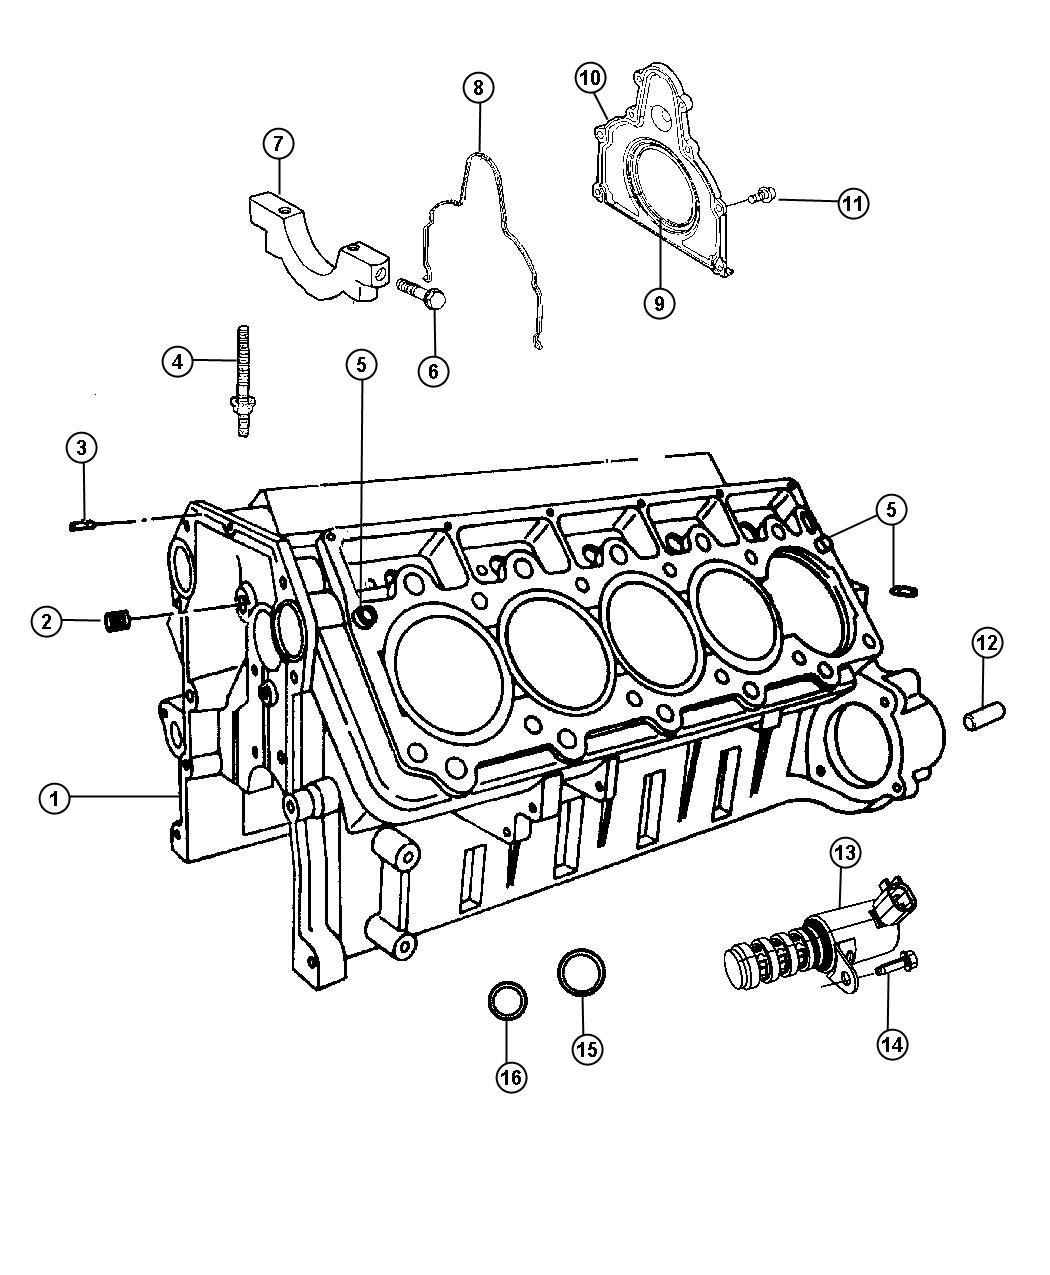 2010 Dodge Viper Engine. Short block. Cylinder, sfi, mopar